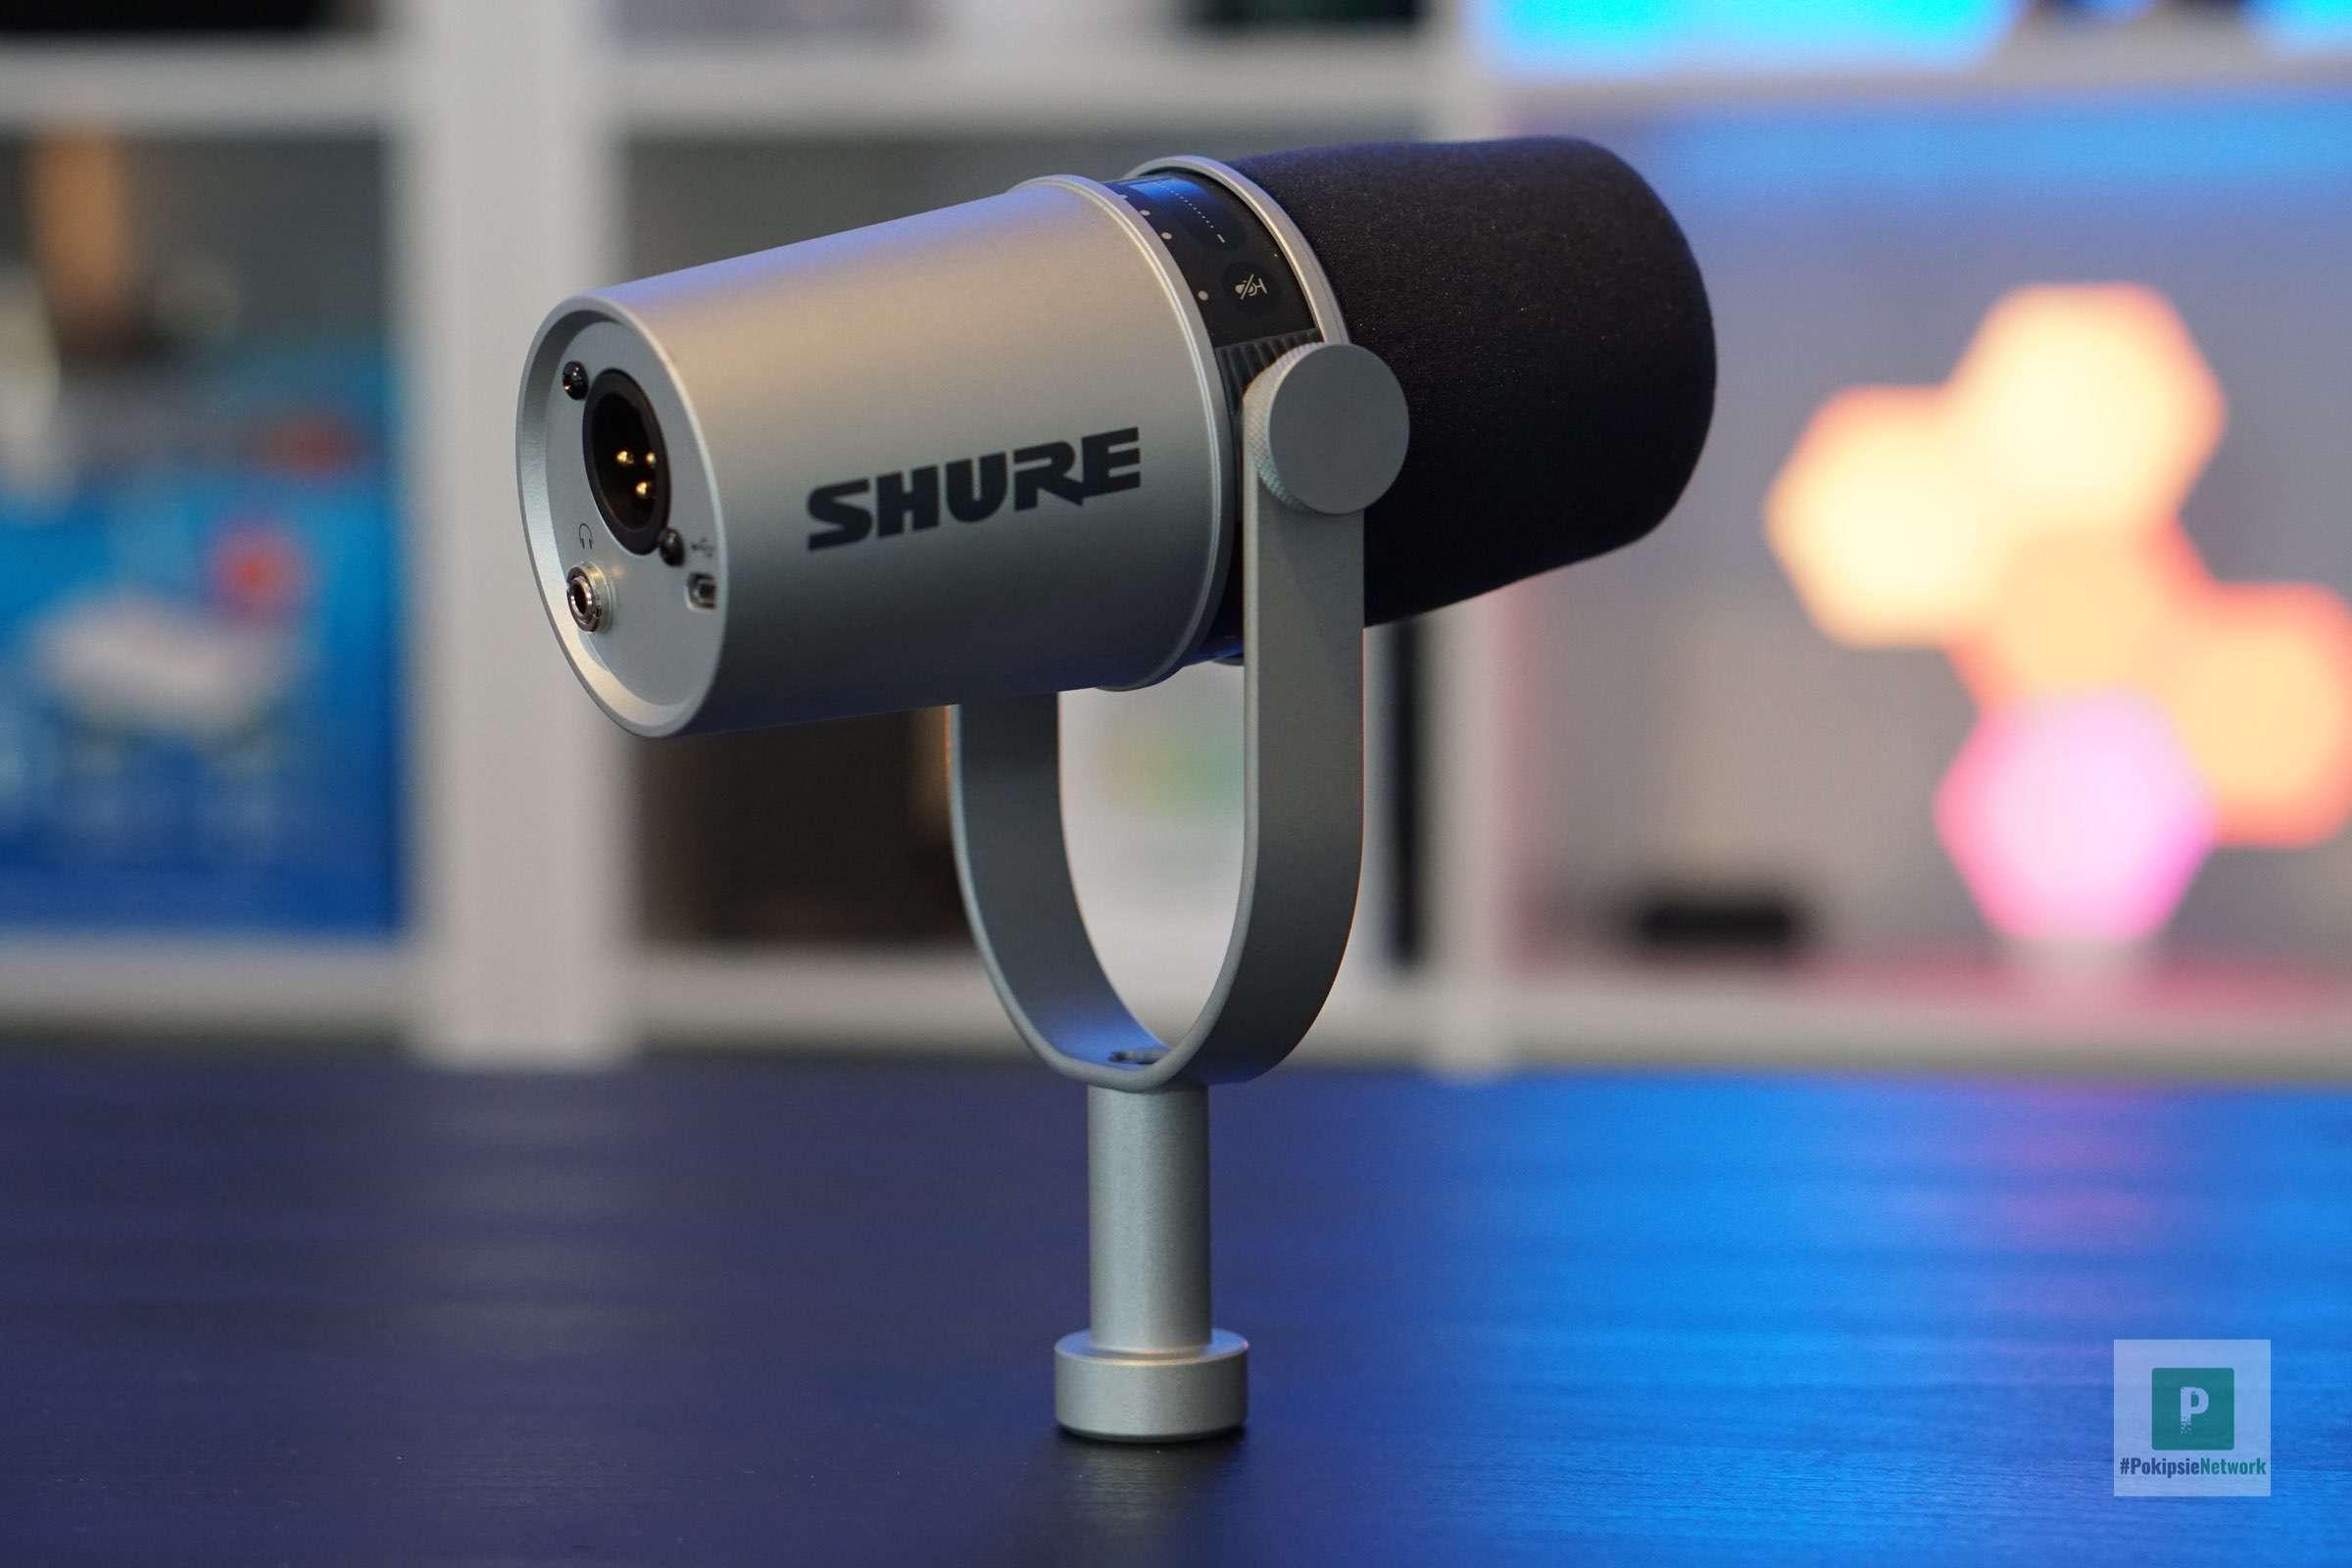 Das Shure Mikrofon